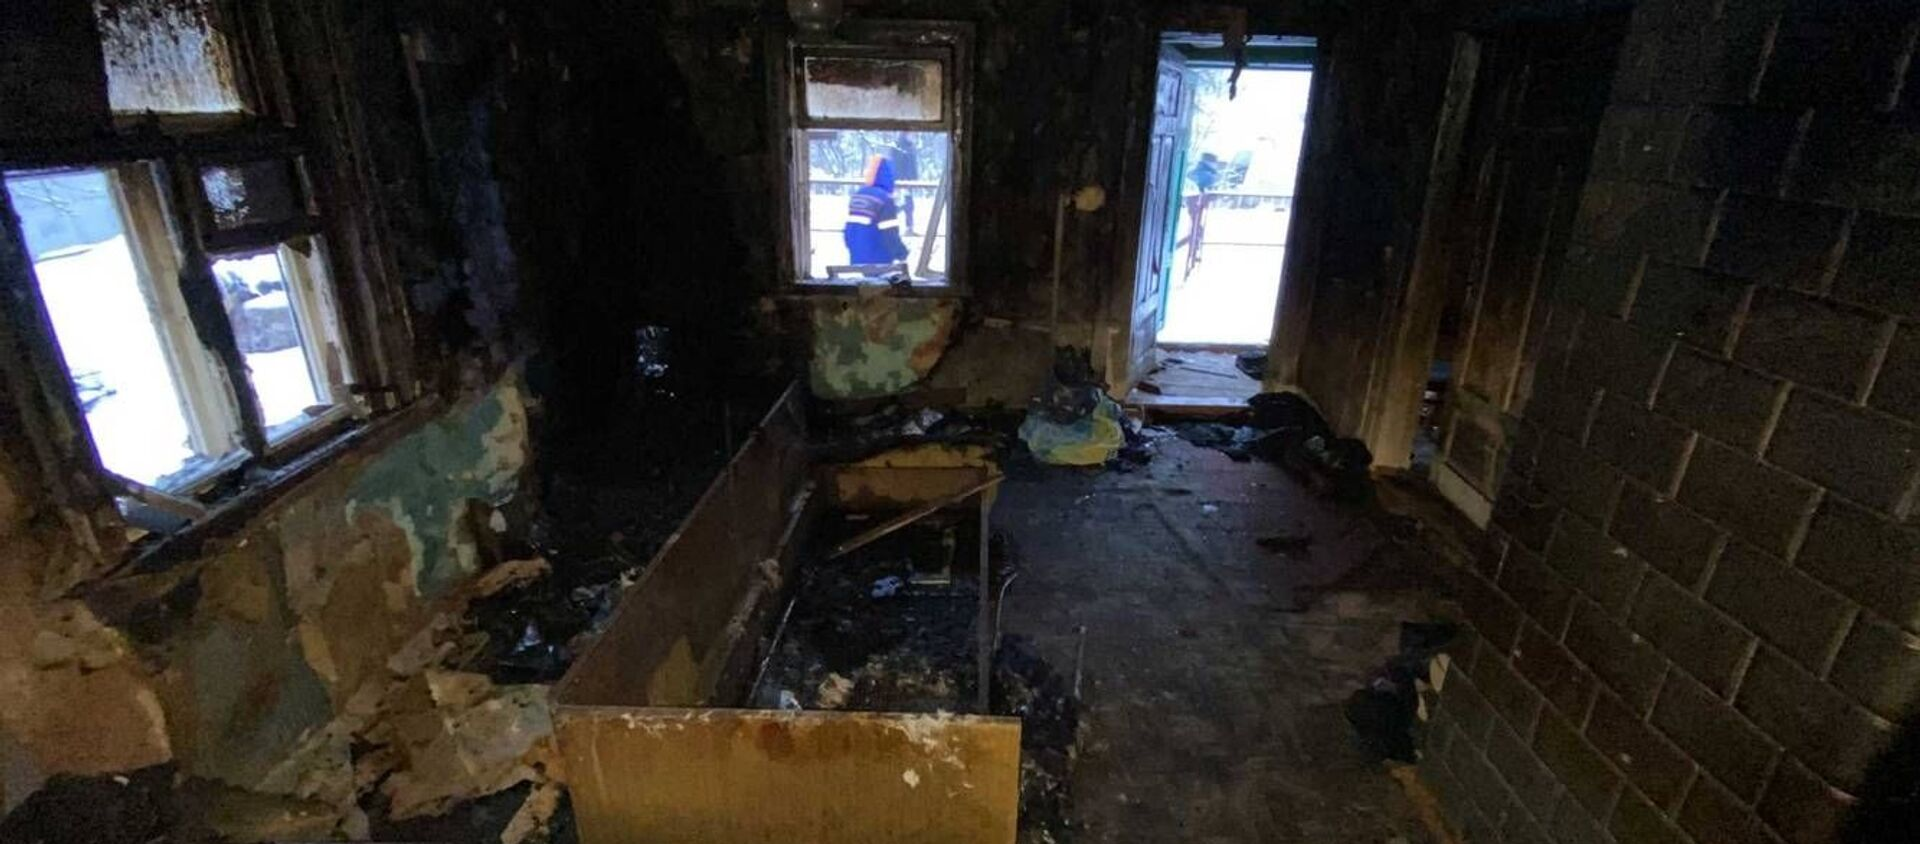 Последствия пожар в частном жилом доме в Лиде - Sputnik Беларусь, 1920, 05.02.2021